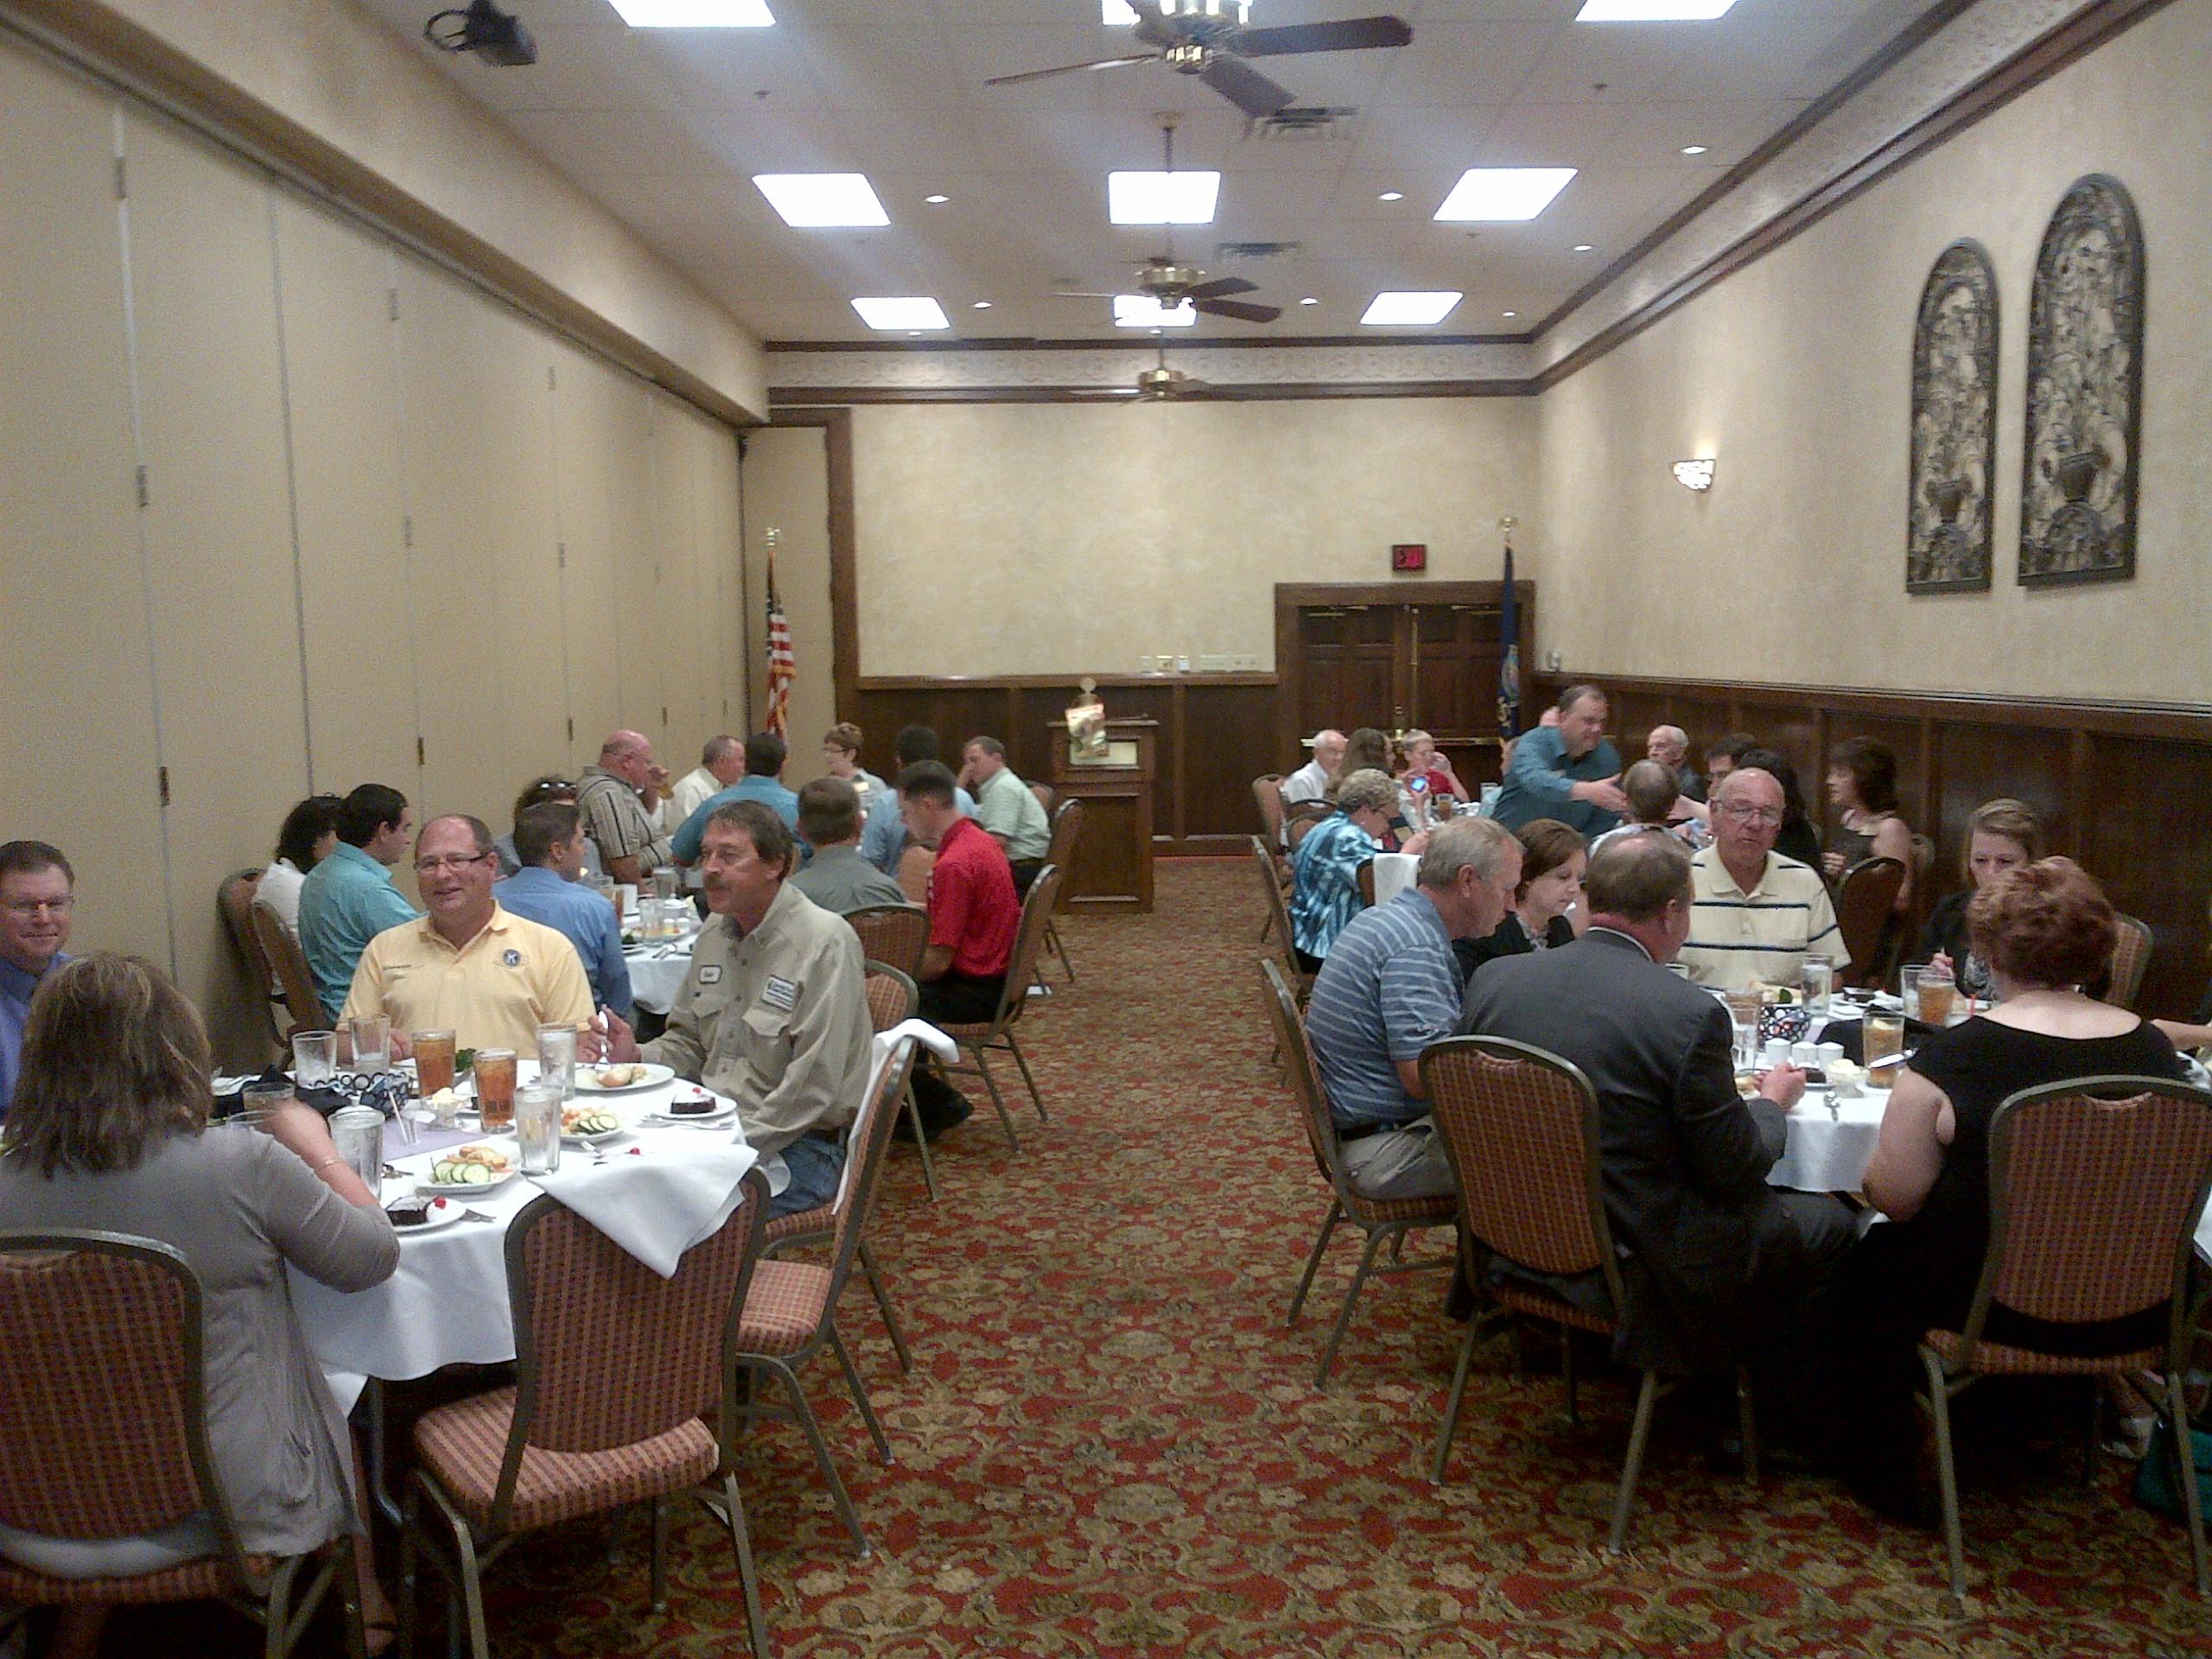 Sen. Moran Attends Garden City Rotary Club